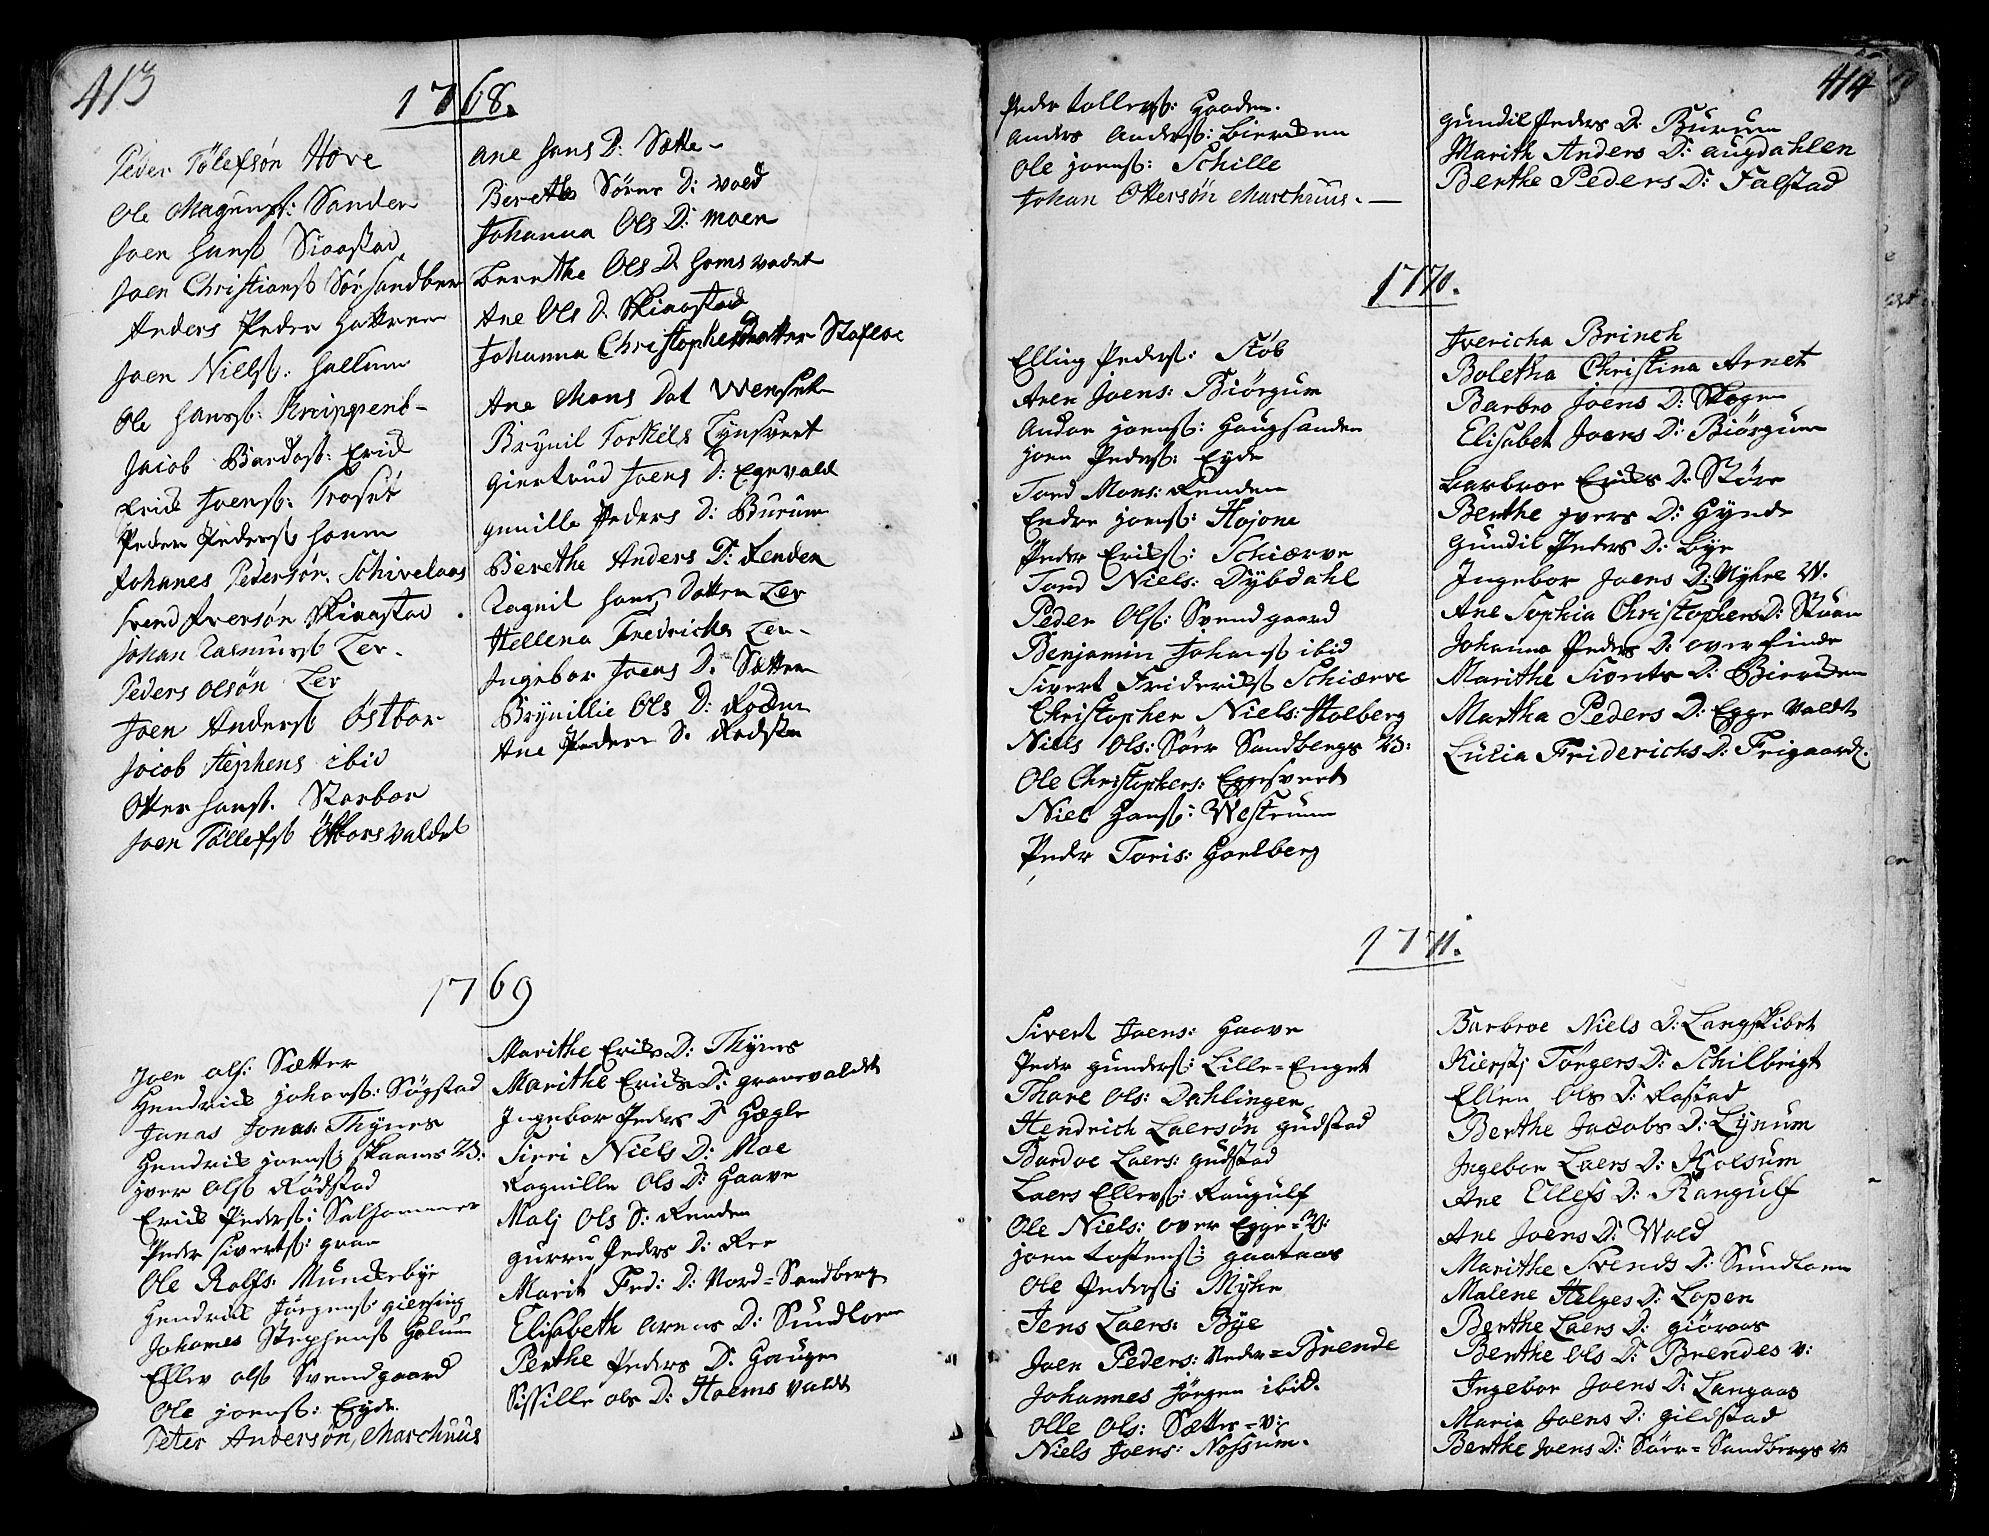 SAT, Ministerialprotokoller, klokkerbøker og fødselsregistre - Nord-Trøndelag, 717/L0141: Ministerialbok nr. 717A01, 1747-1803, s. 413-414